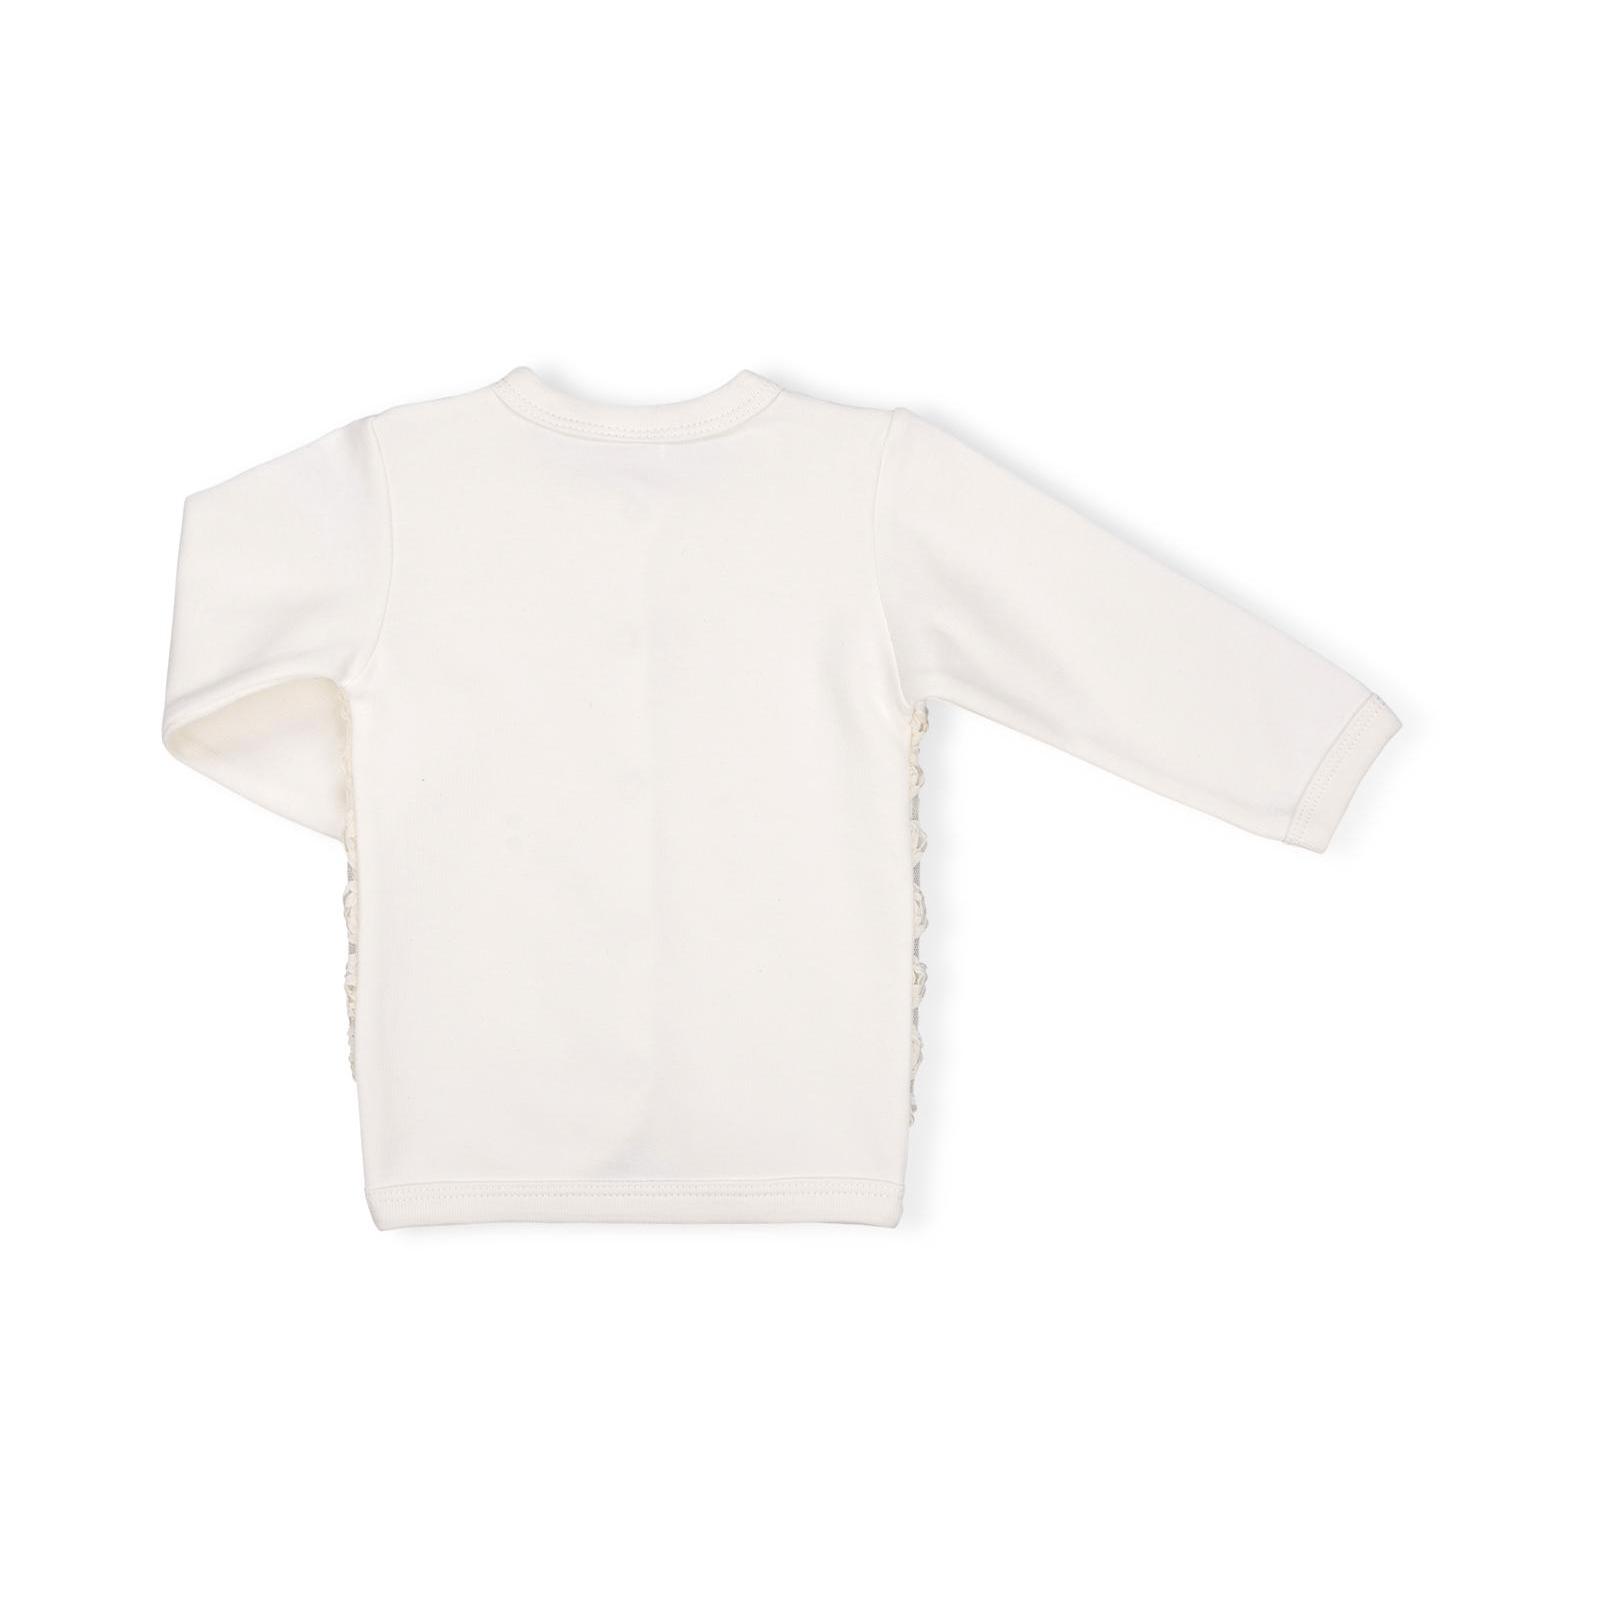 Набор детской одежды Интеркидс с розочками (2364-74G-beige) изображение 5